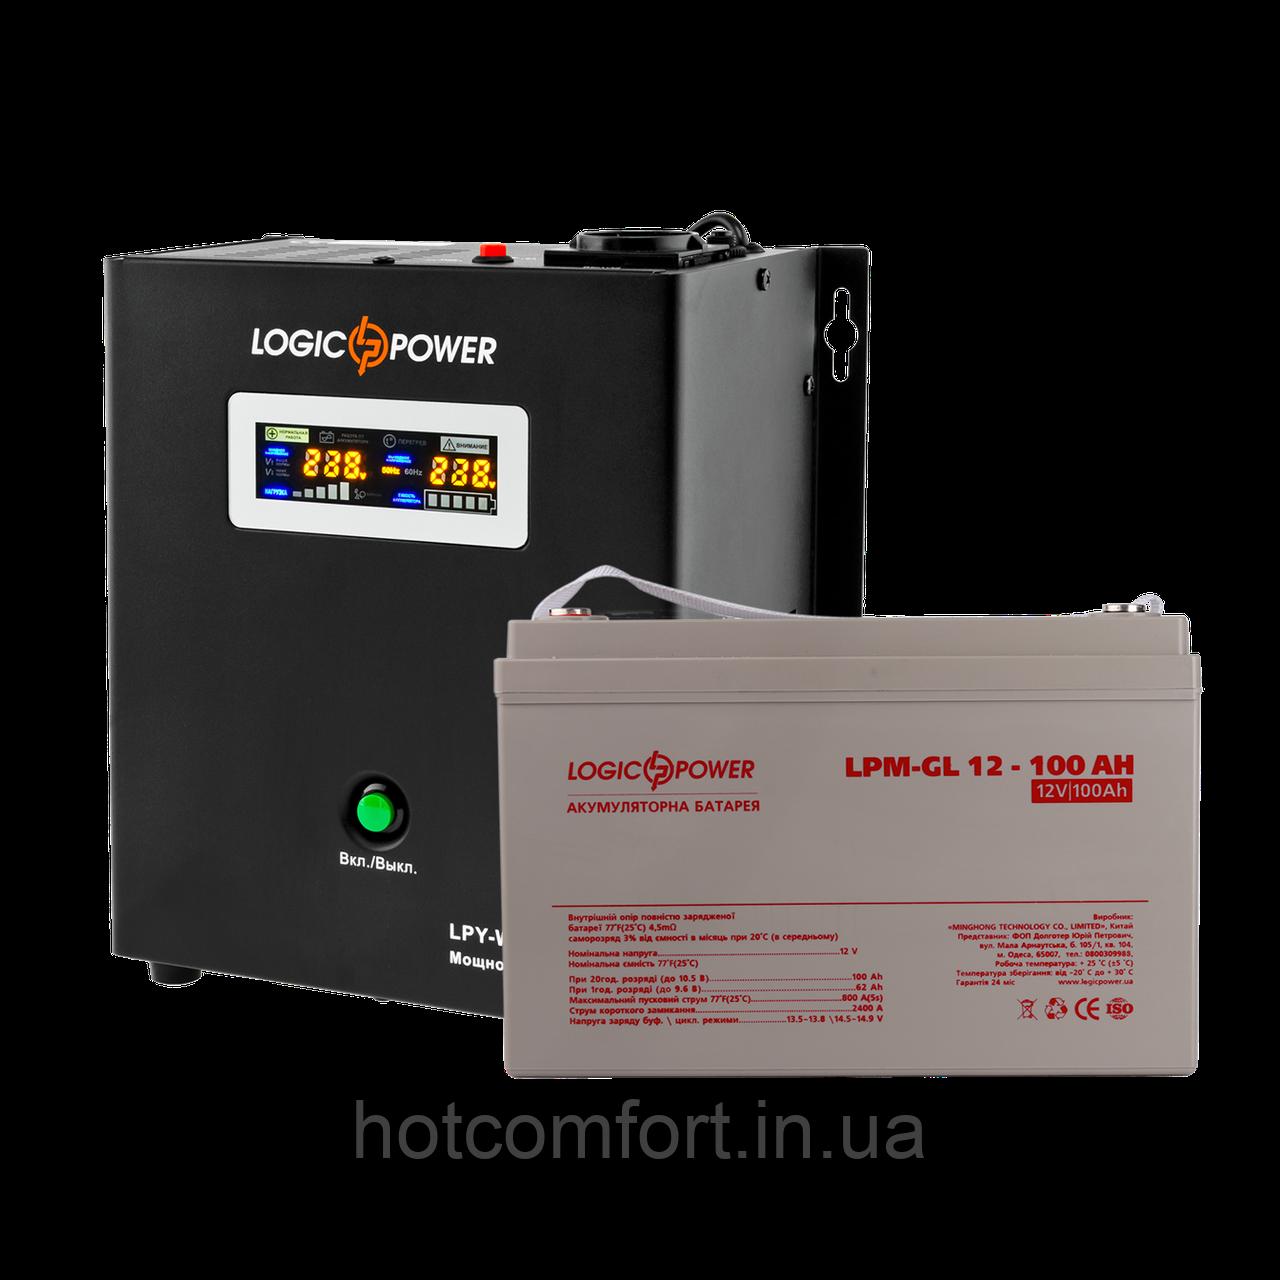 Комплект резервного питания для котла и теплого пола Logicpower W800 + гелевая батарея 1400ватт